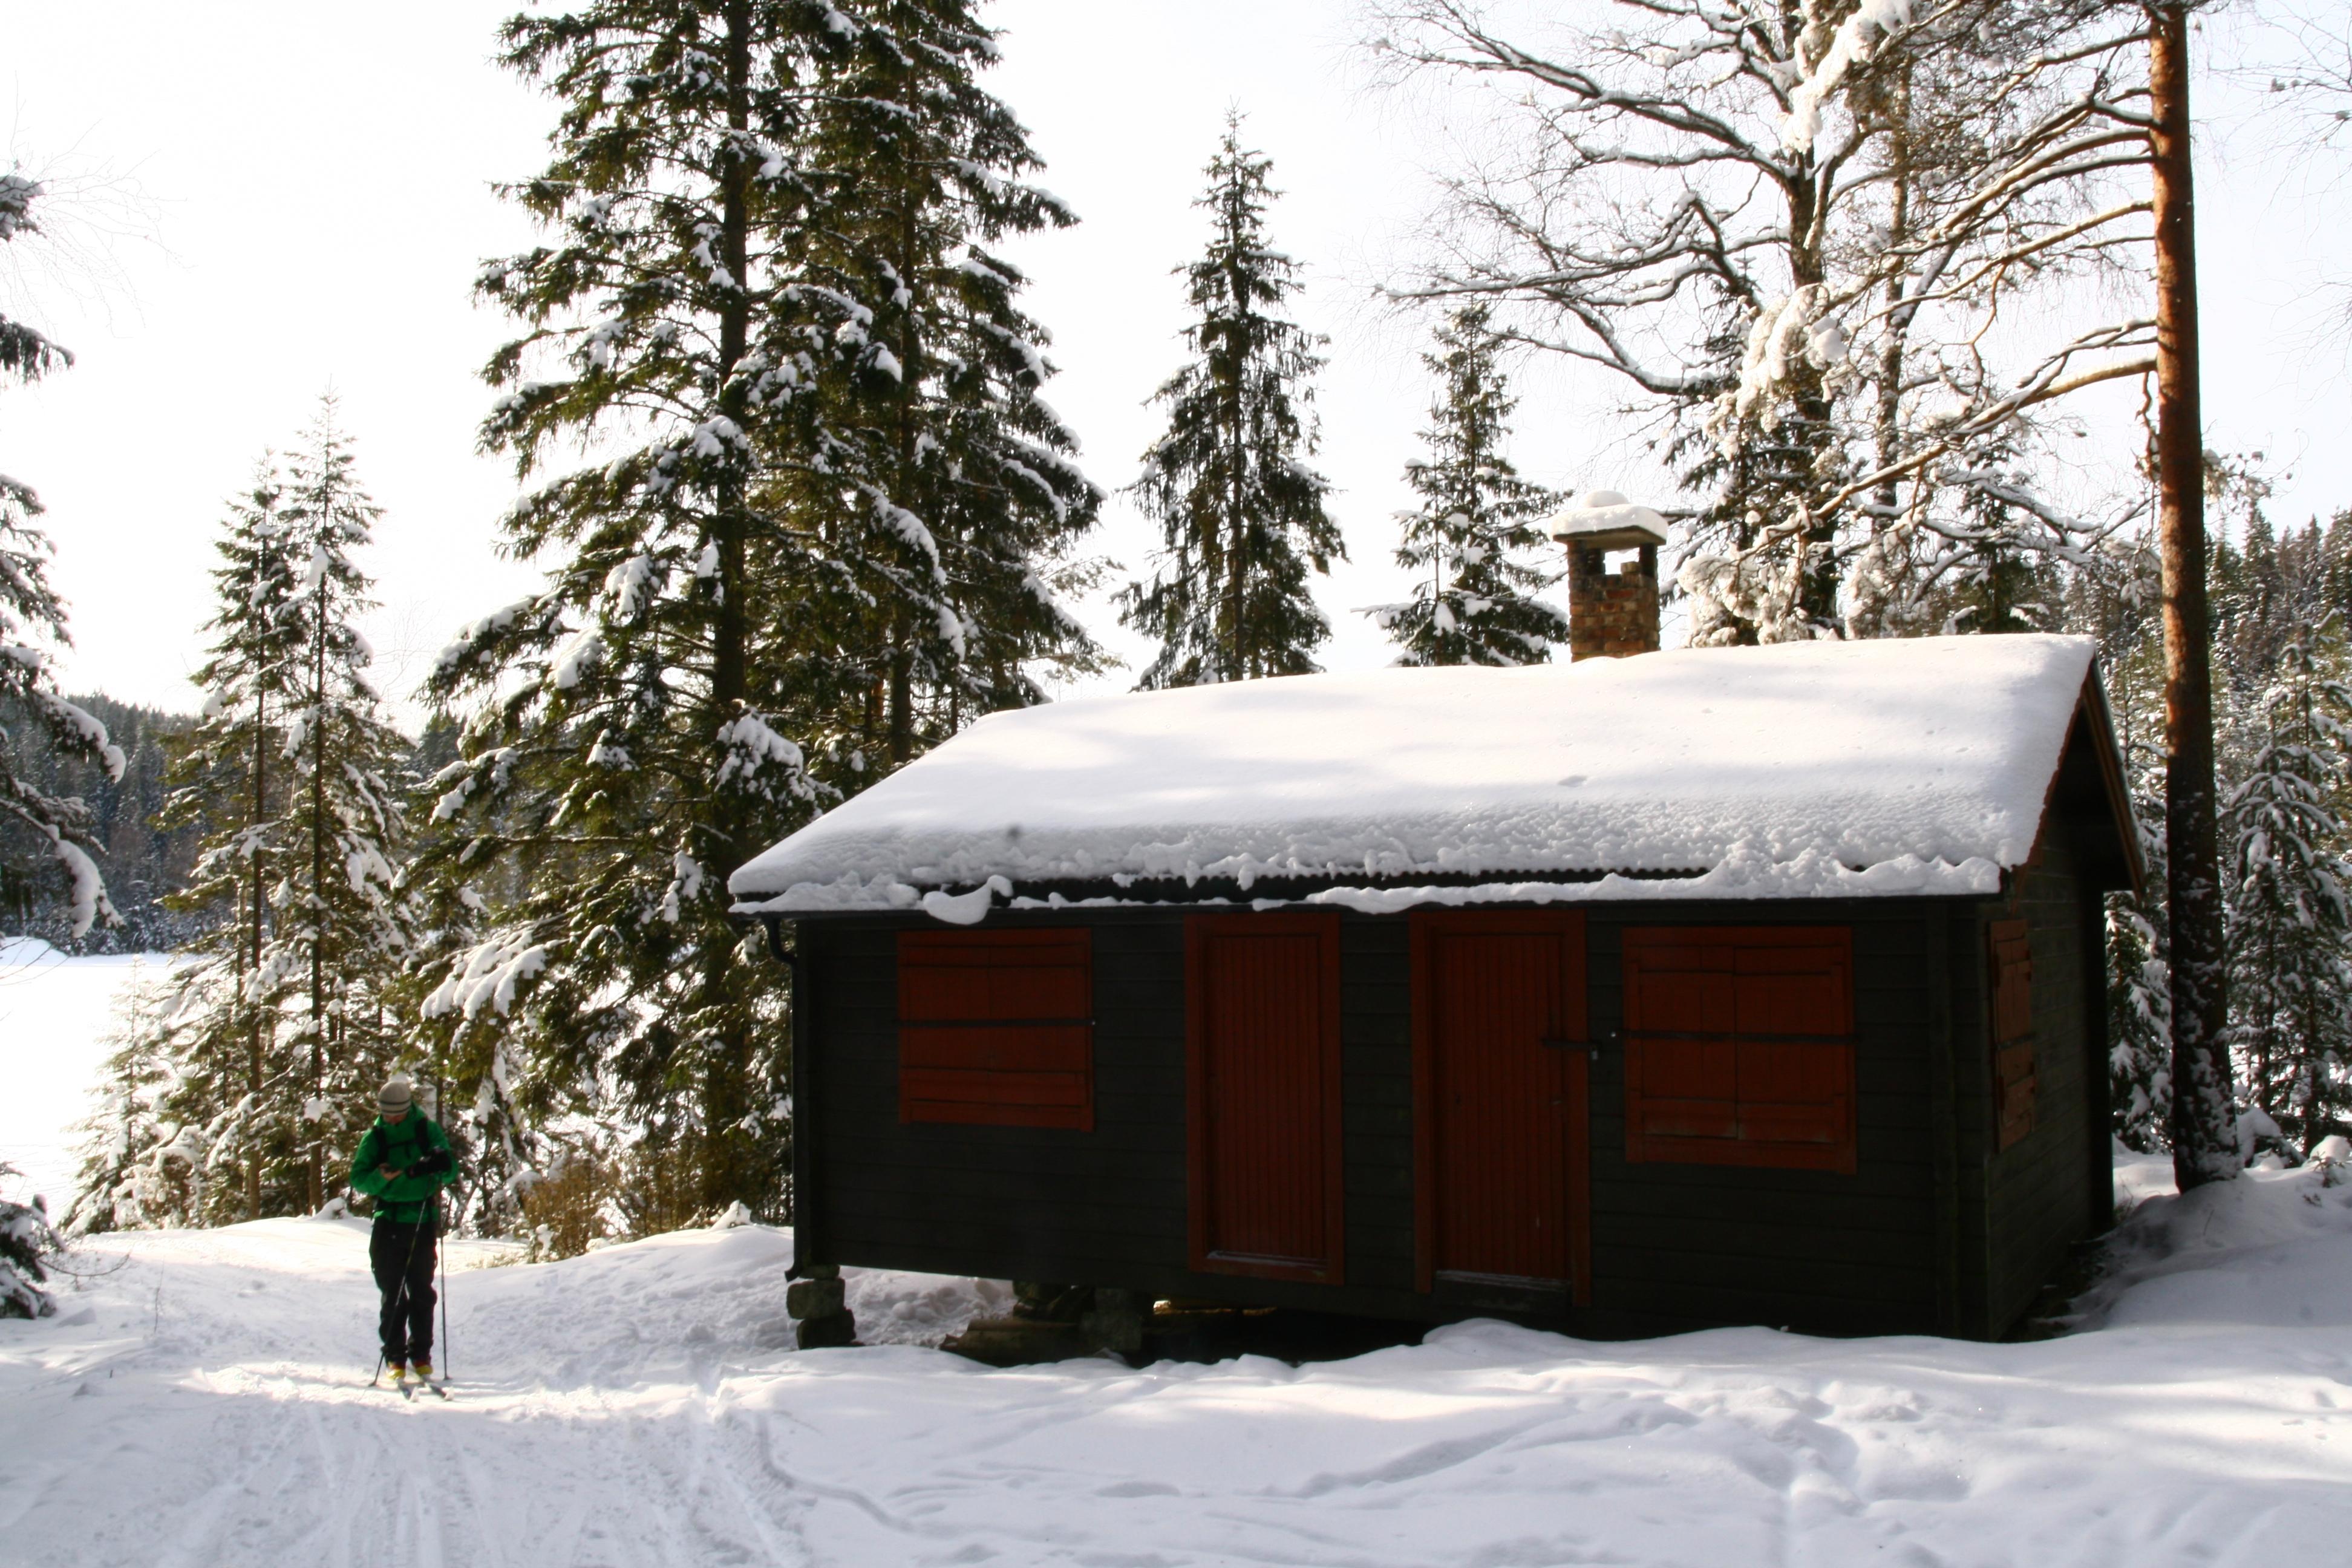 2013-2-21 Grinderkoia ved Grinderen DFoto Bente Lise Dagenborg.JPG